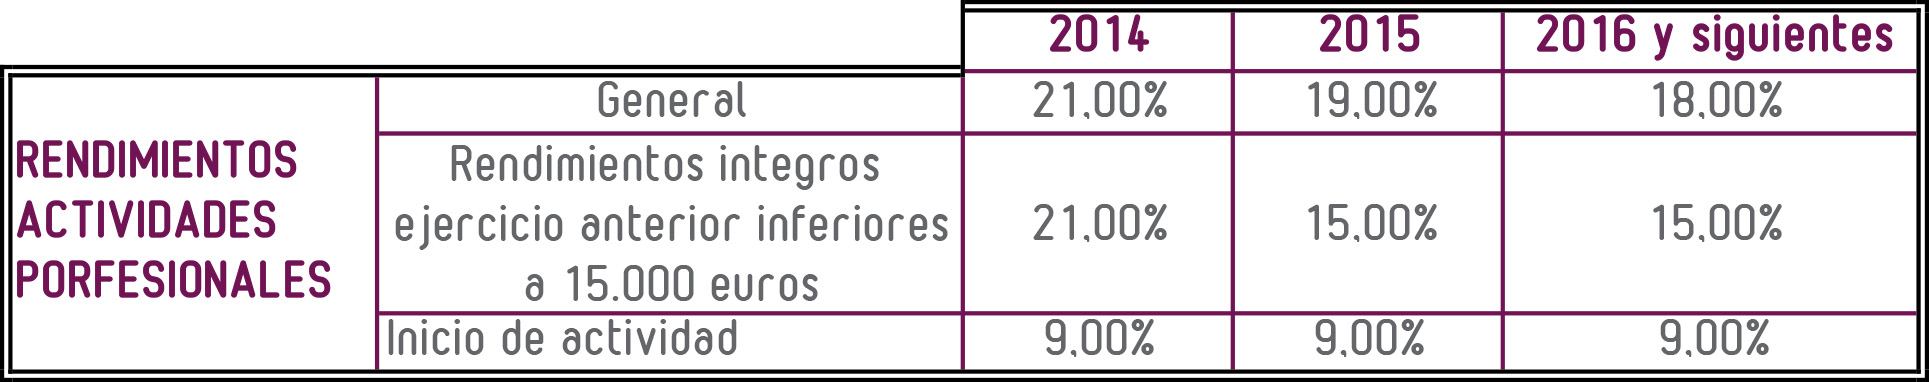 RETENCIONES ACTIVIDADES PROFESIONALES 2015